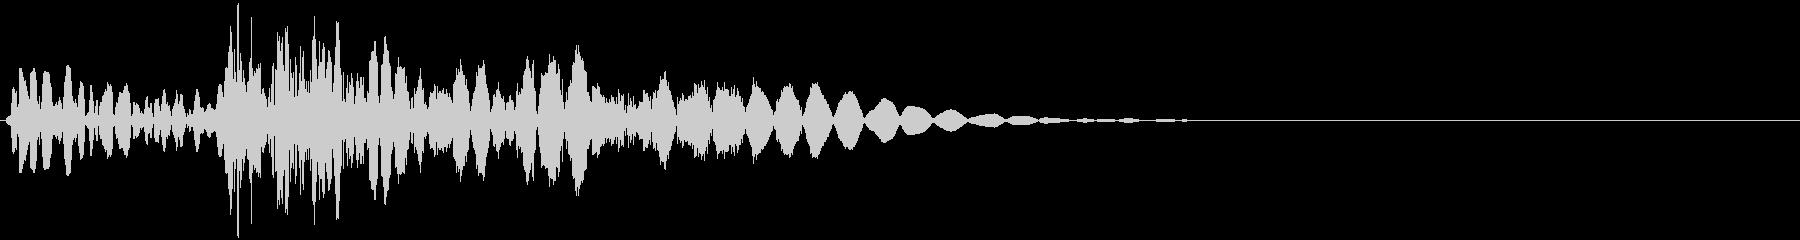 ボスッ(なんでやねん・ネタ・ツッコミ)の未再生の波形